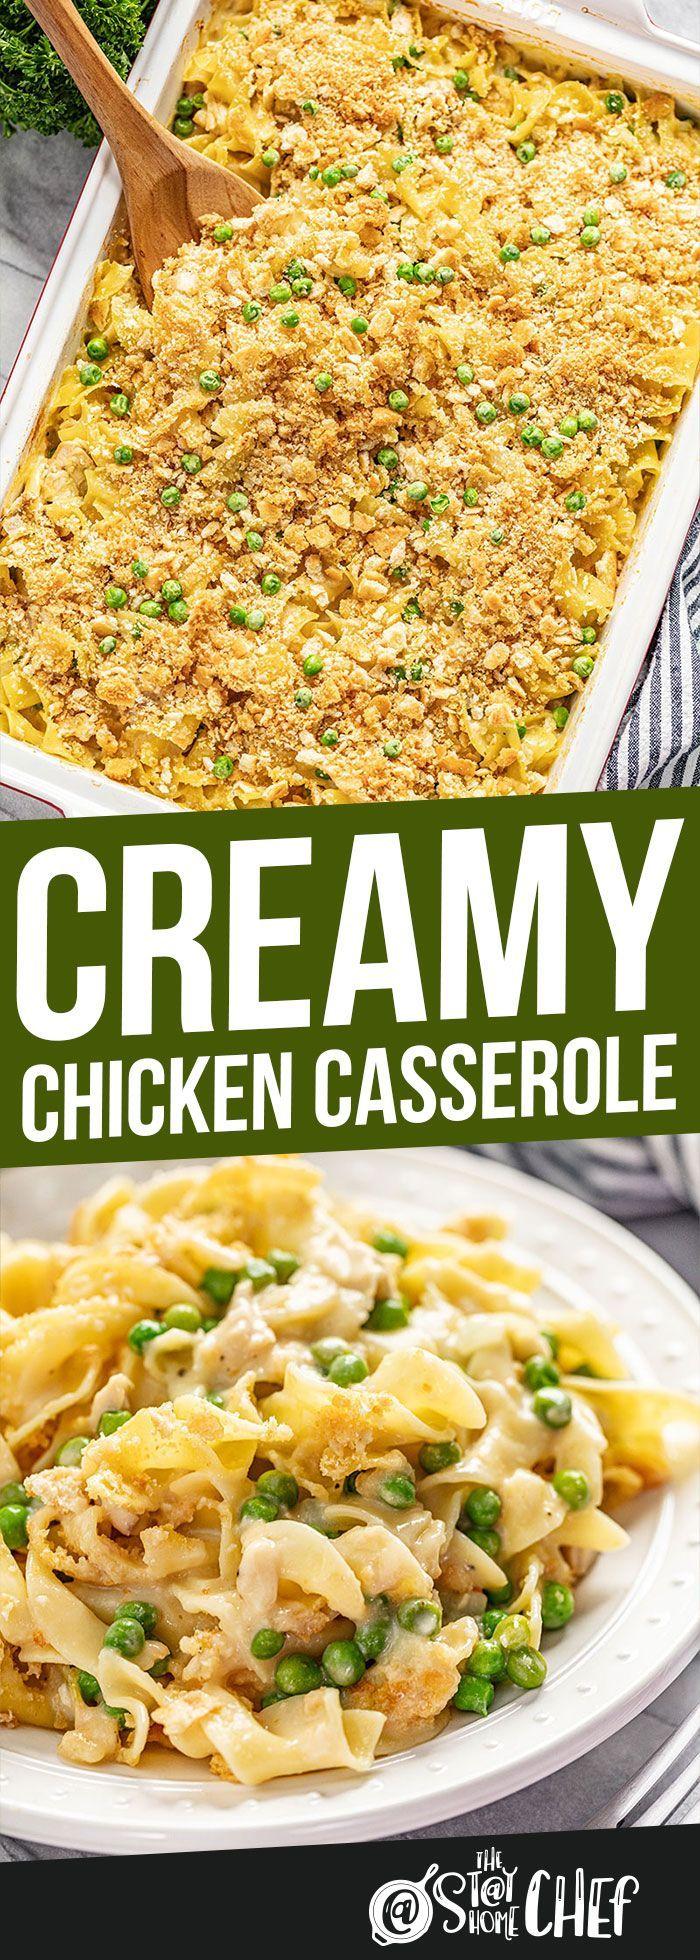 Creamy Chicken Cassserole